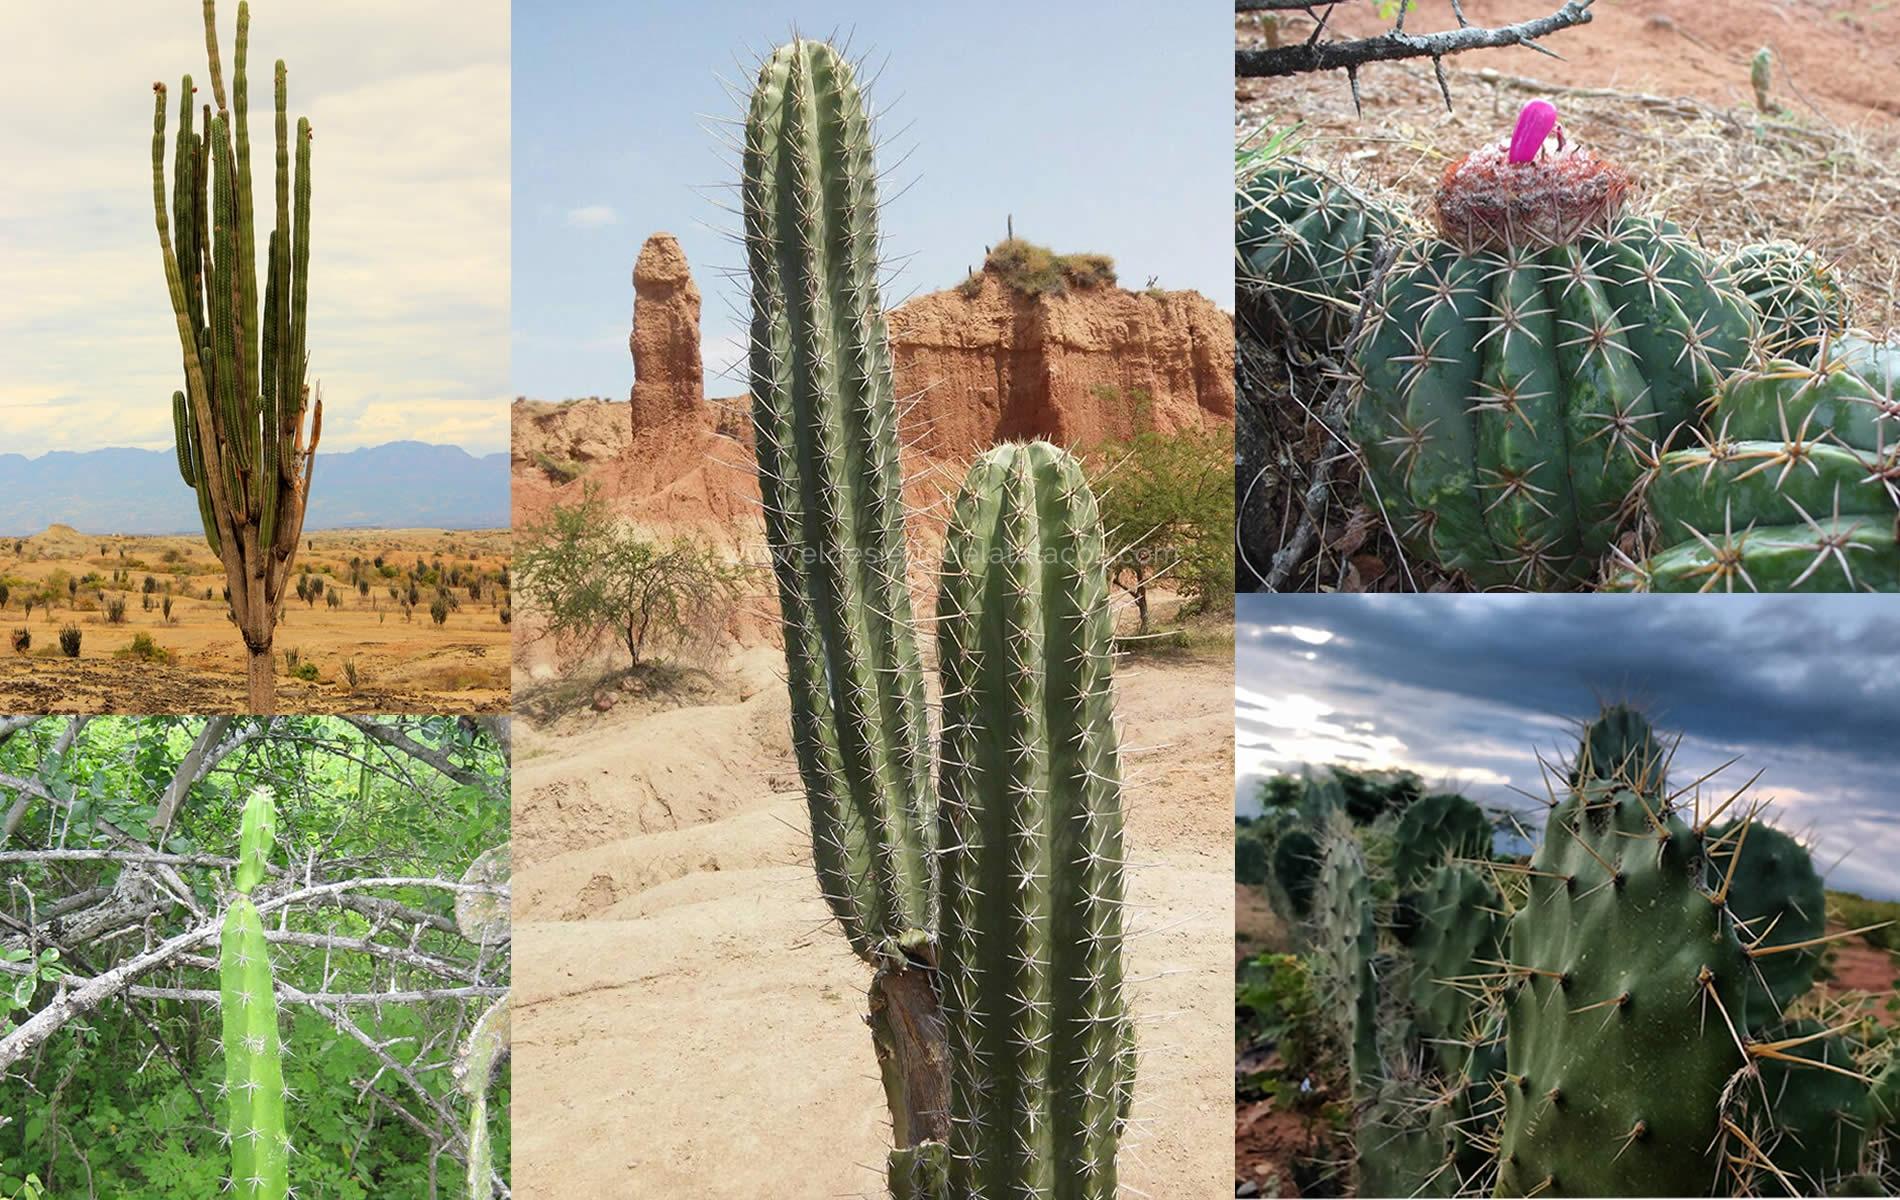 El Desierto de La Tatacoa y sus Mágicos Cactus